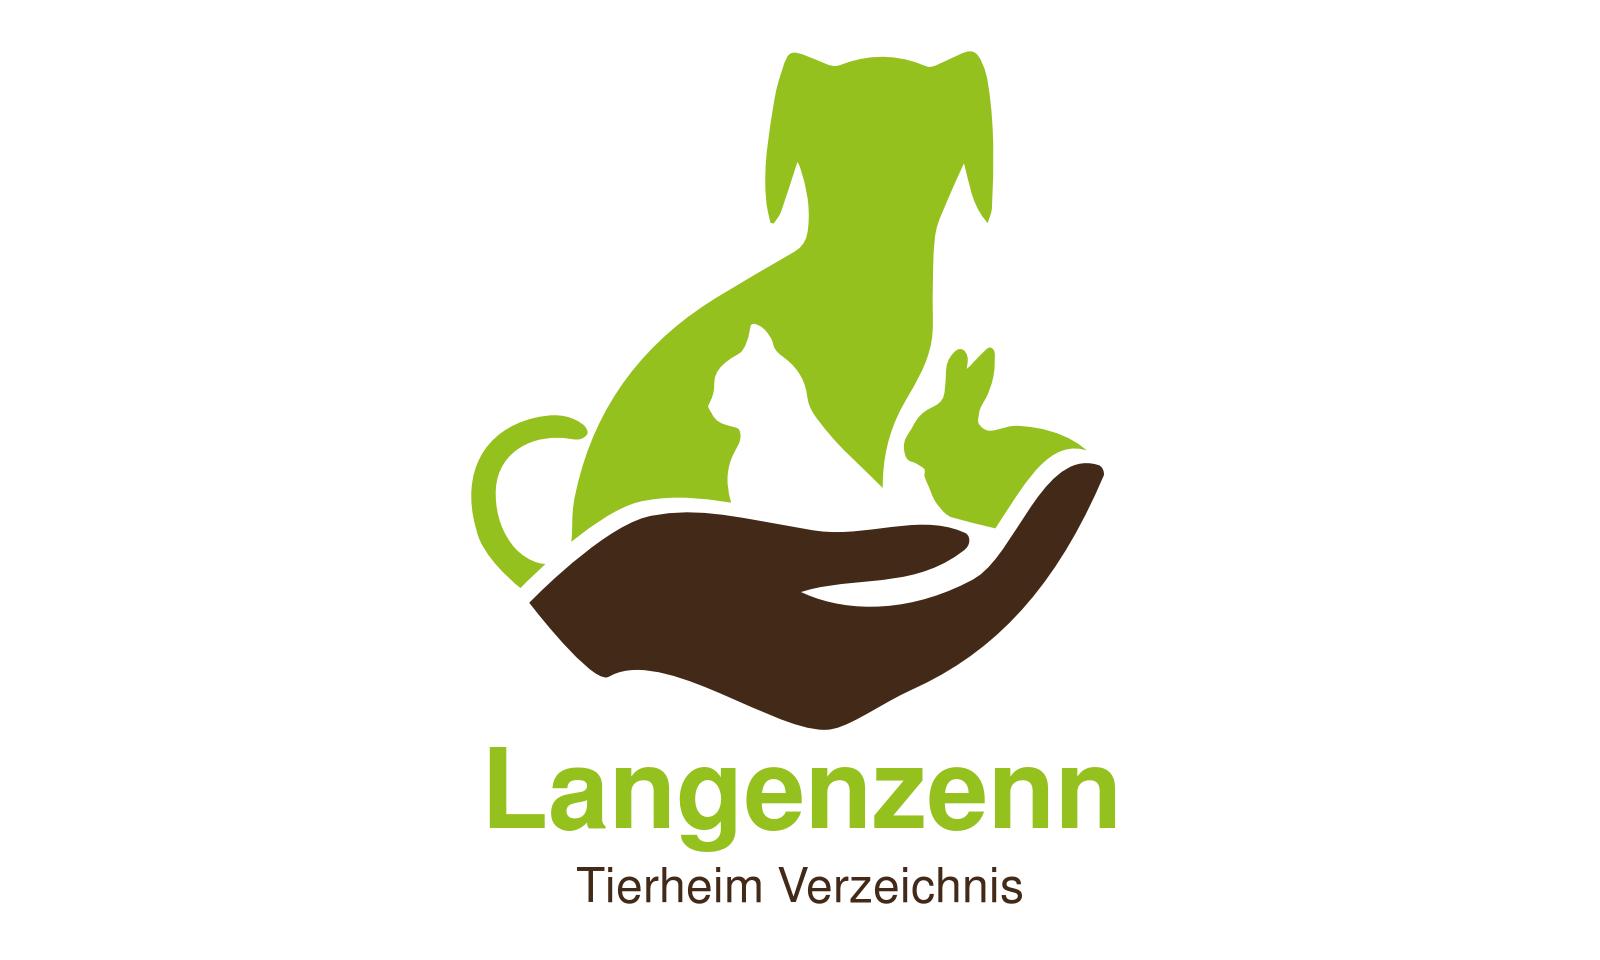 Tierheim Langenzenn